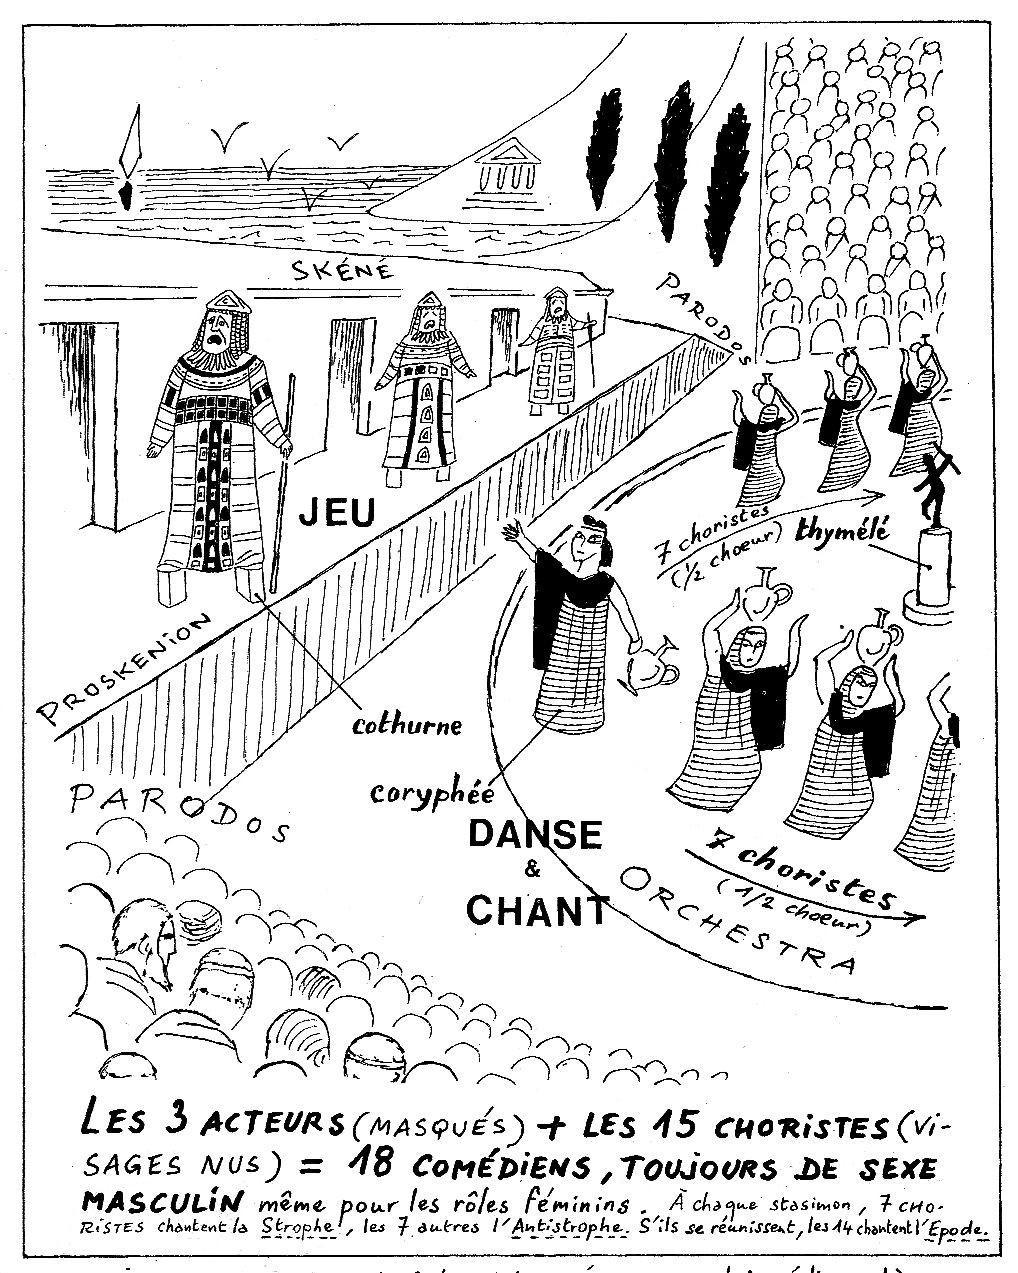 6 André Degaine, Histoire du théâtre dessinée : de la préhistoire à nos jours